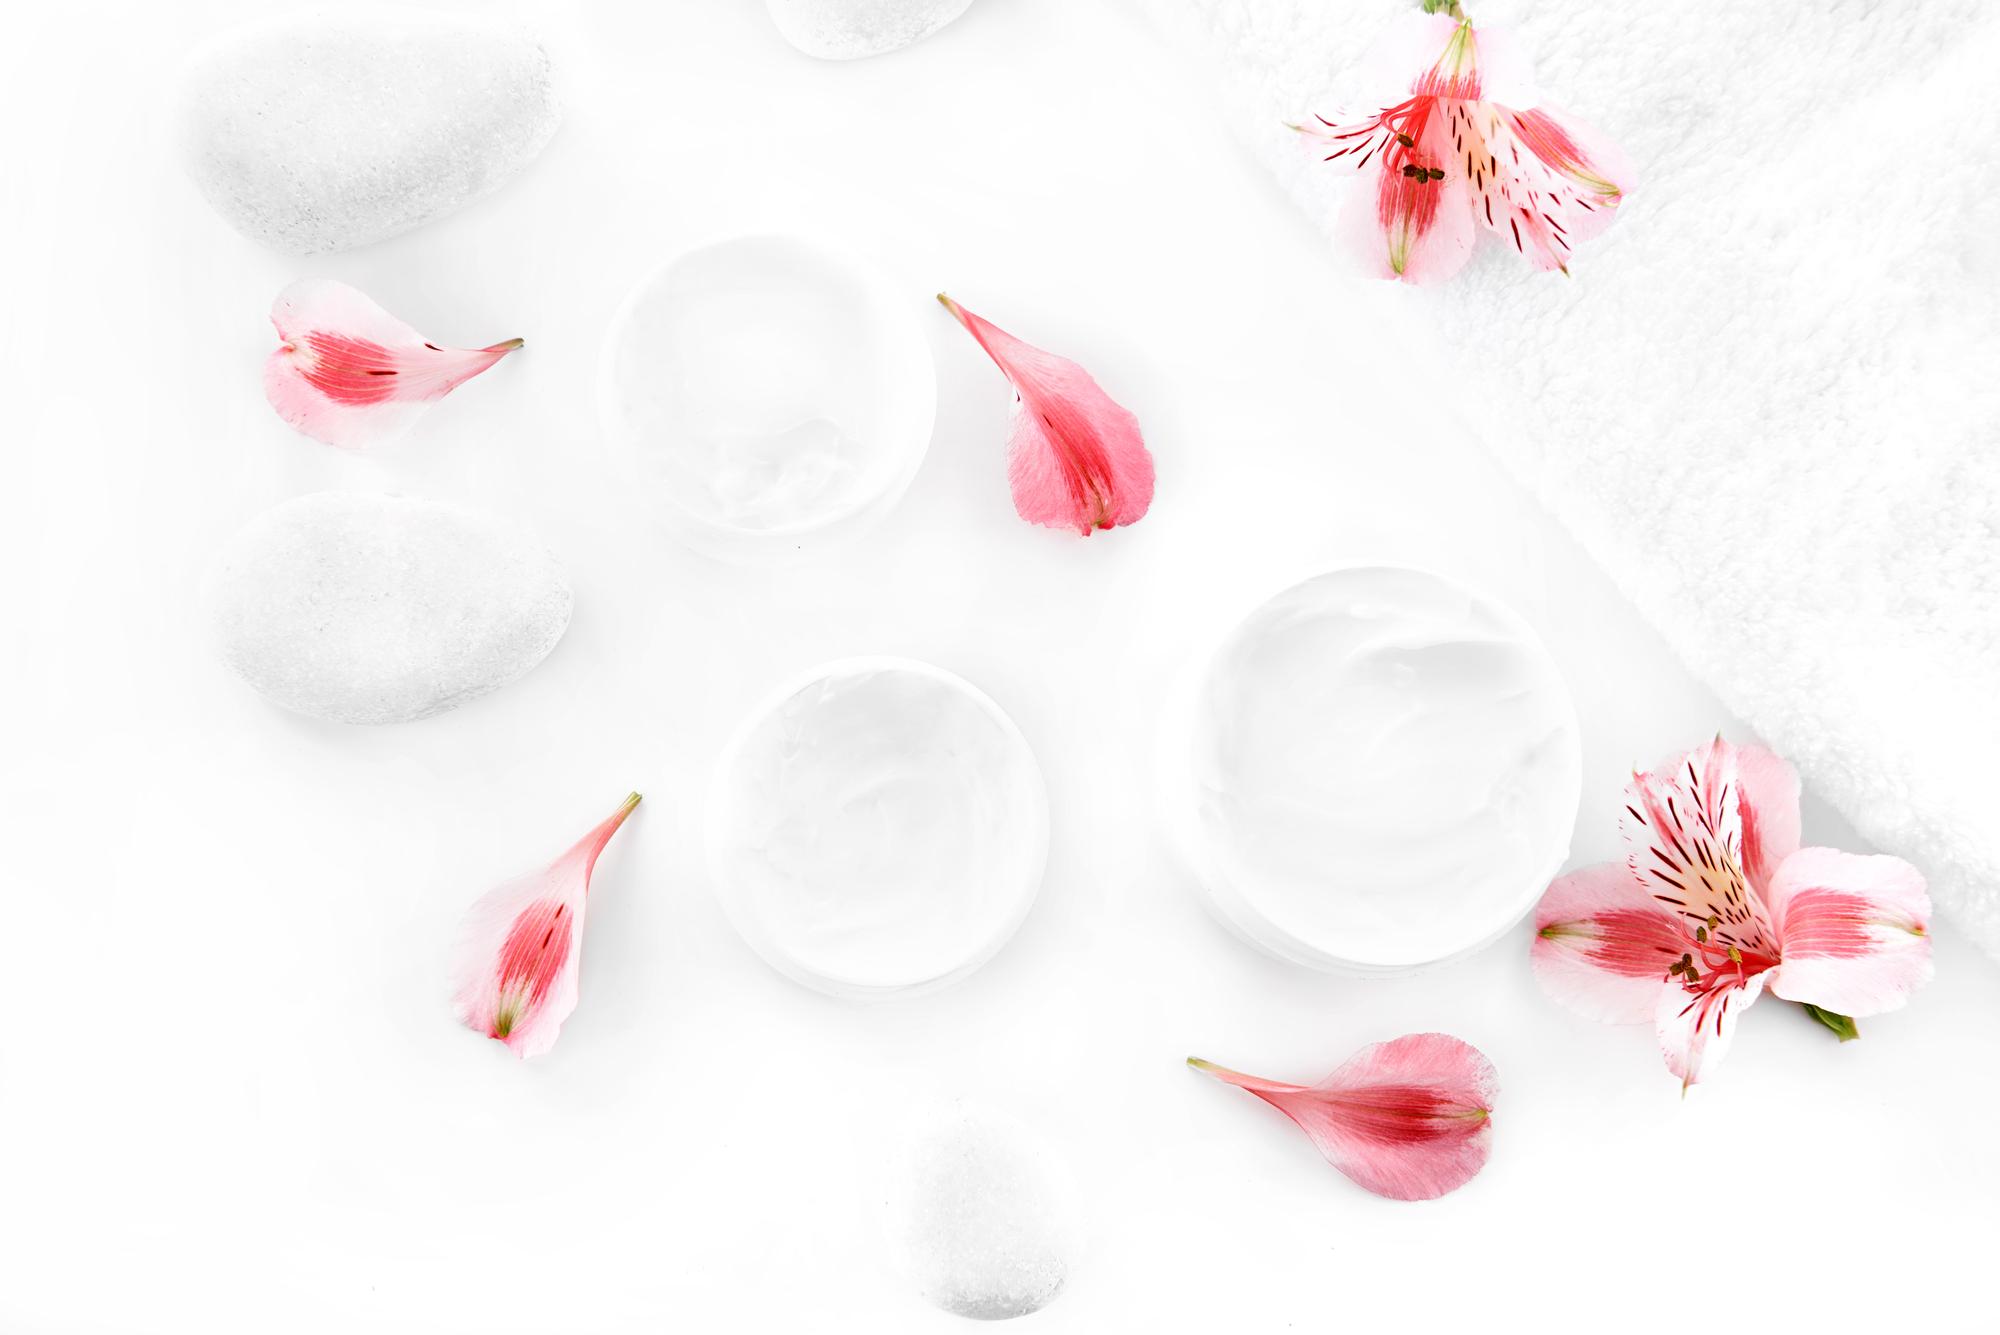 Skin Spa by Sharon Encino, CA